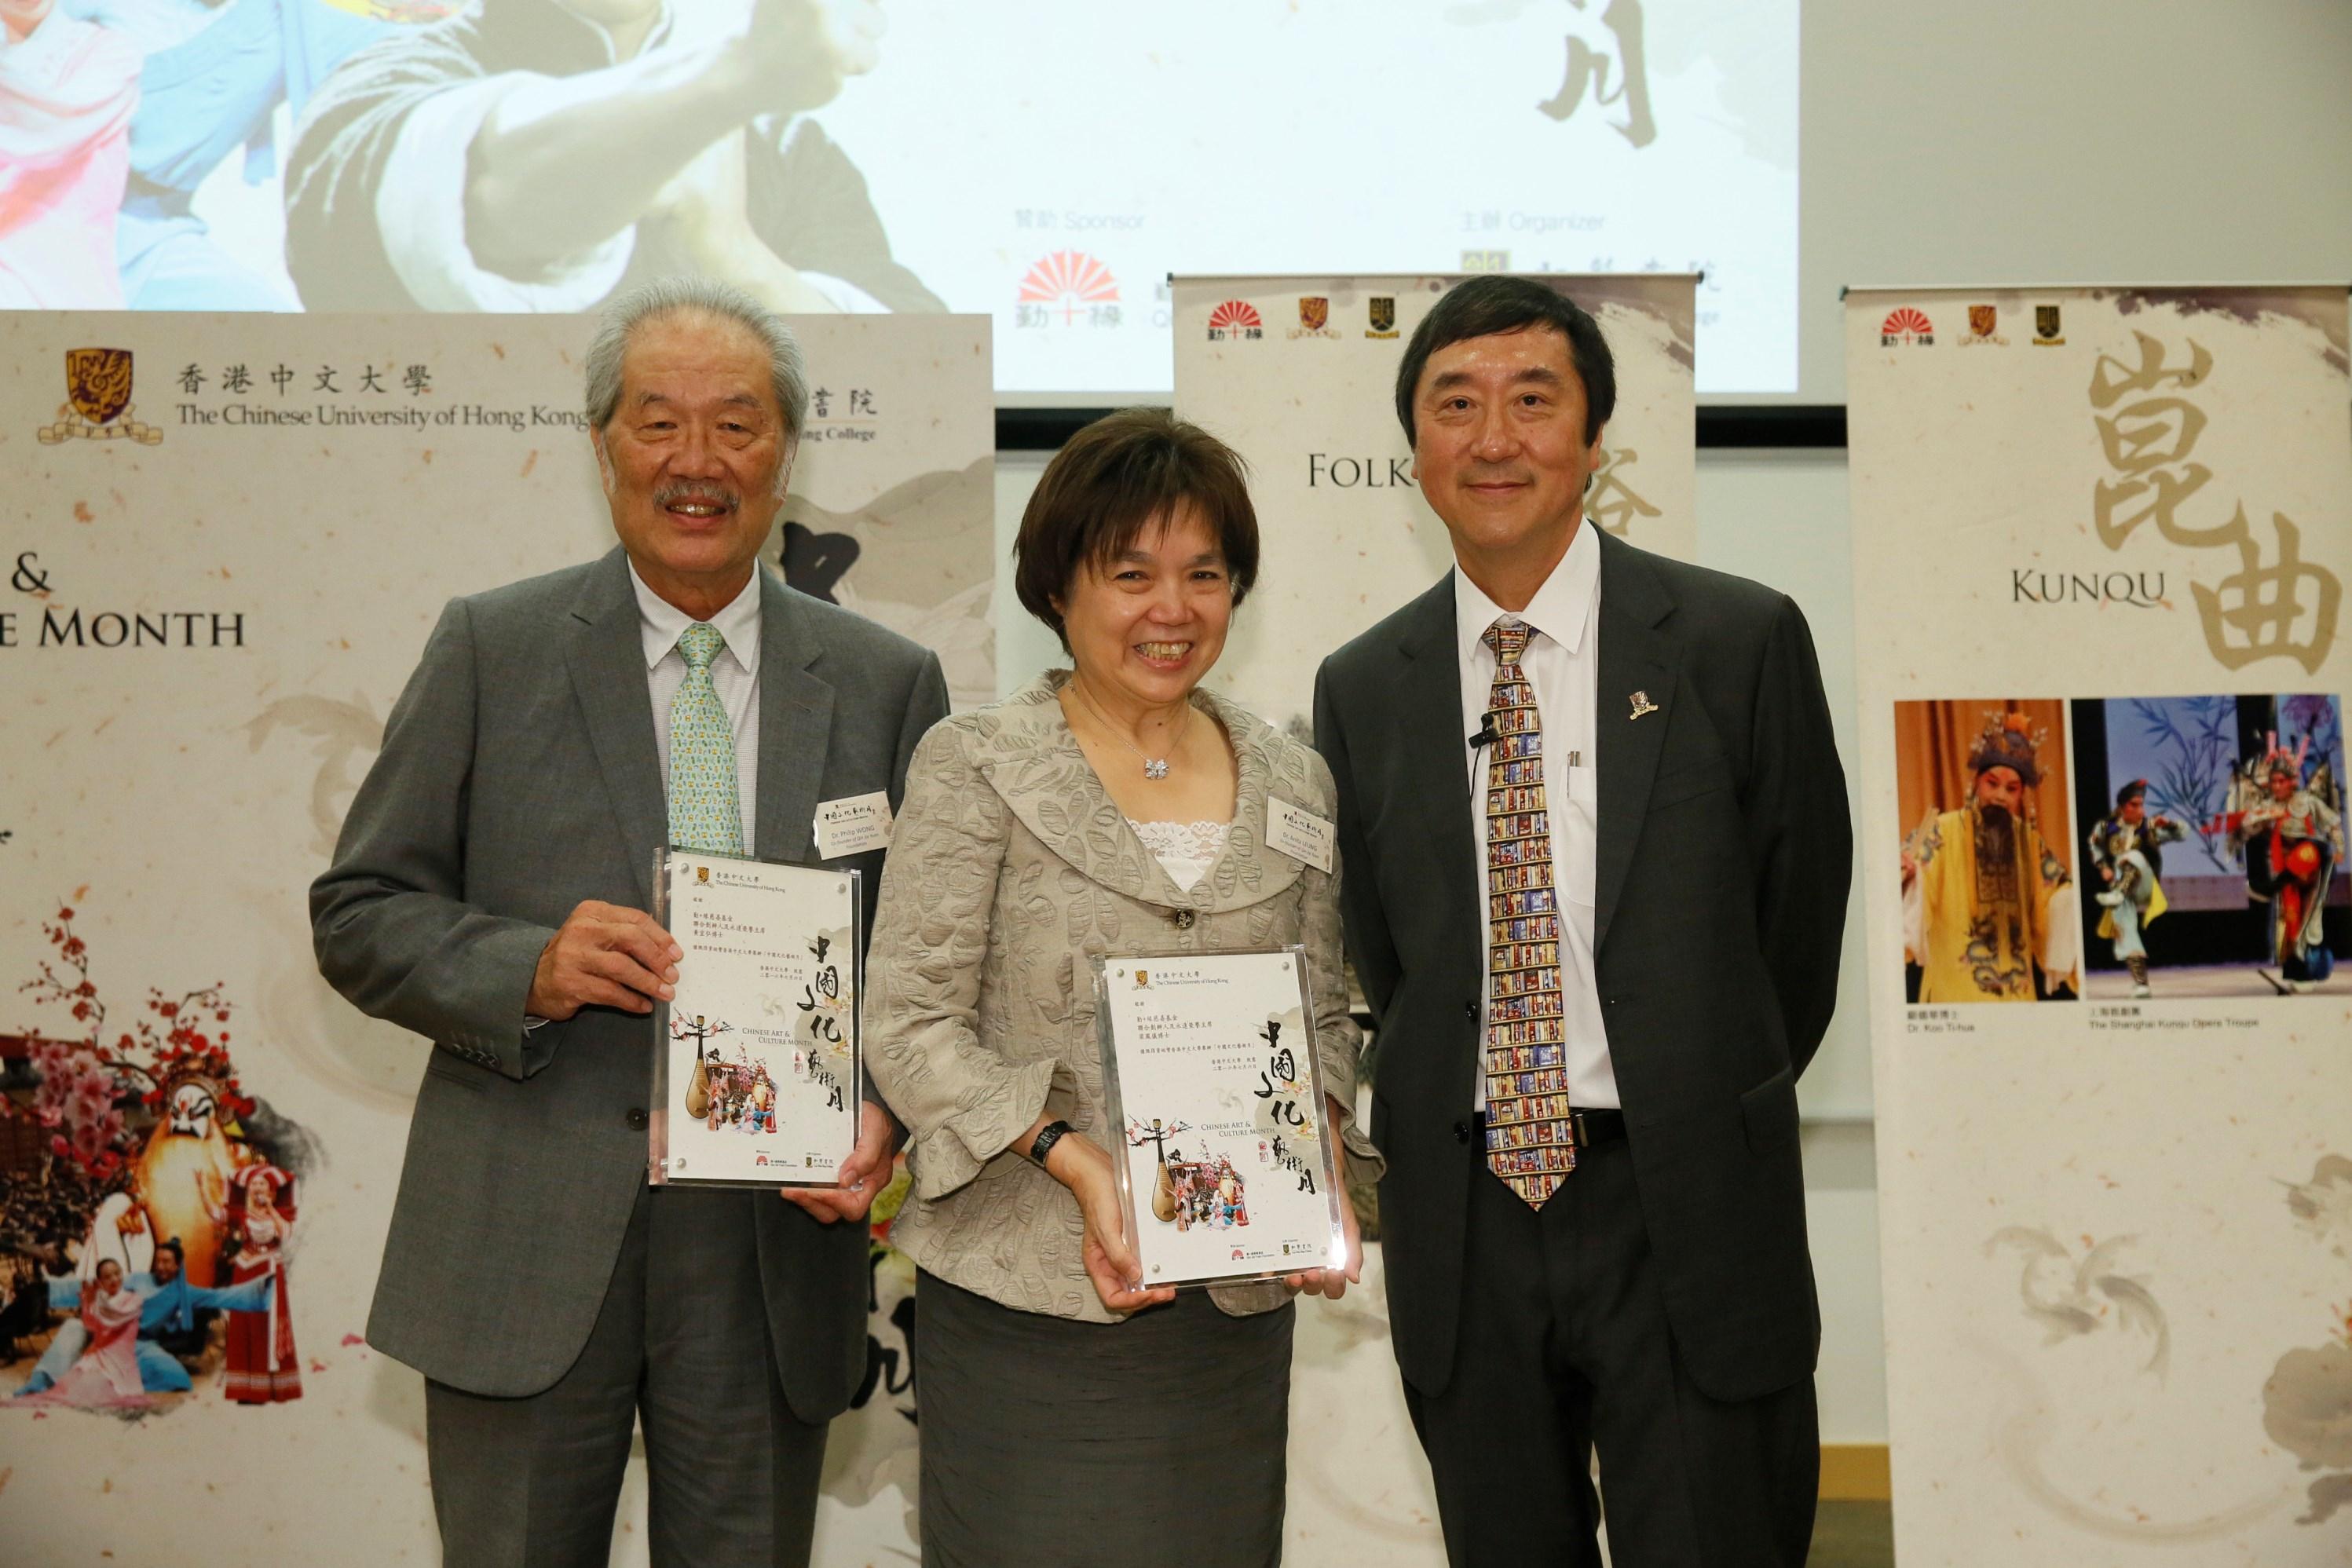 中大獲黃宜弘博士(左一)與梁鳳儀博士(中)創辦之勤+緣慈善基金有限公司慷慨捐助,舉辦「中國文化藝術月」。沈祖堯校長頒發紀念品予兩位以示感謝